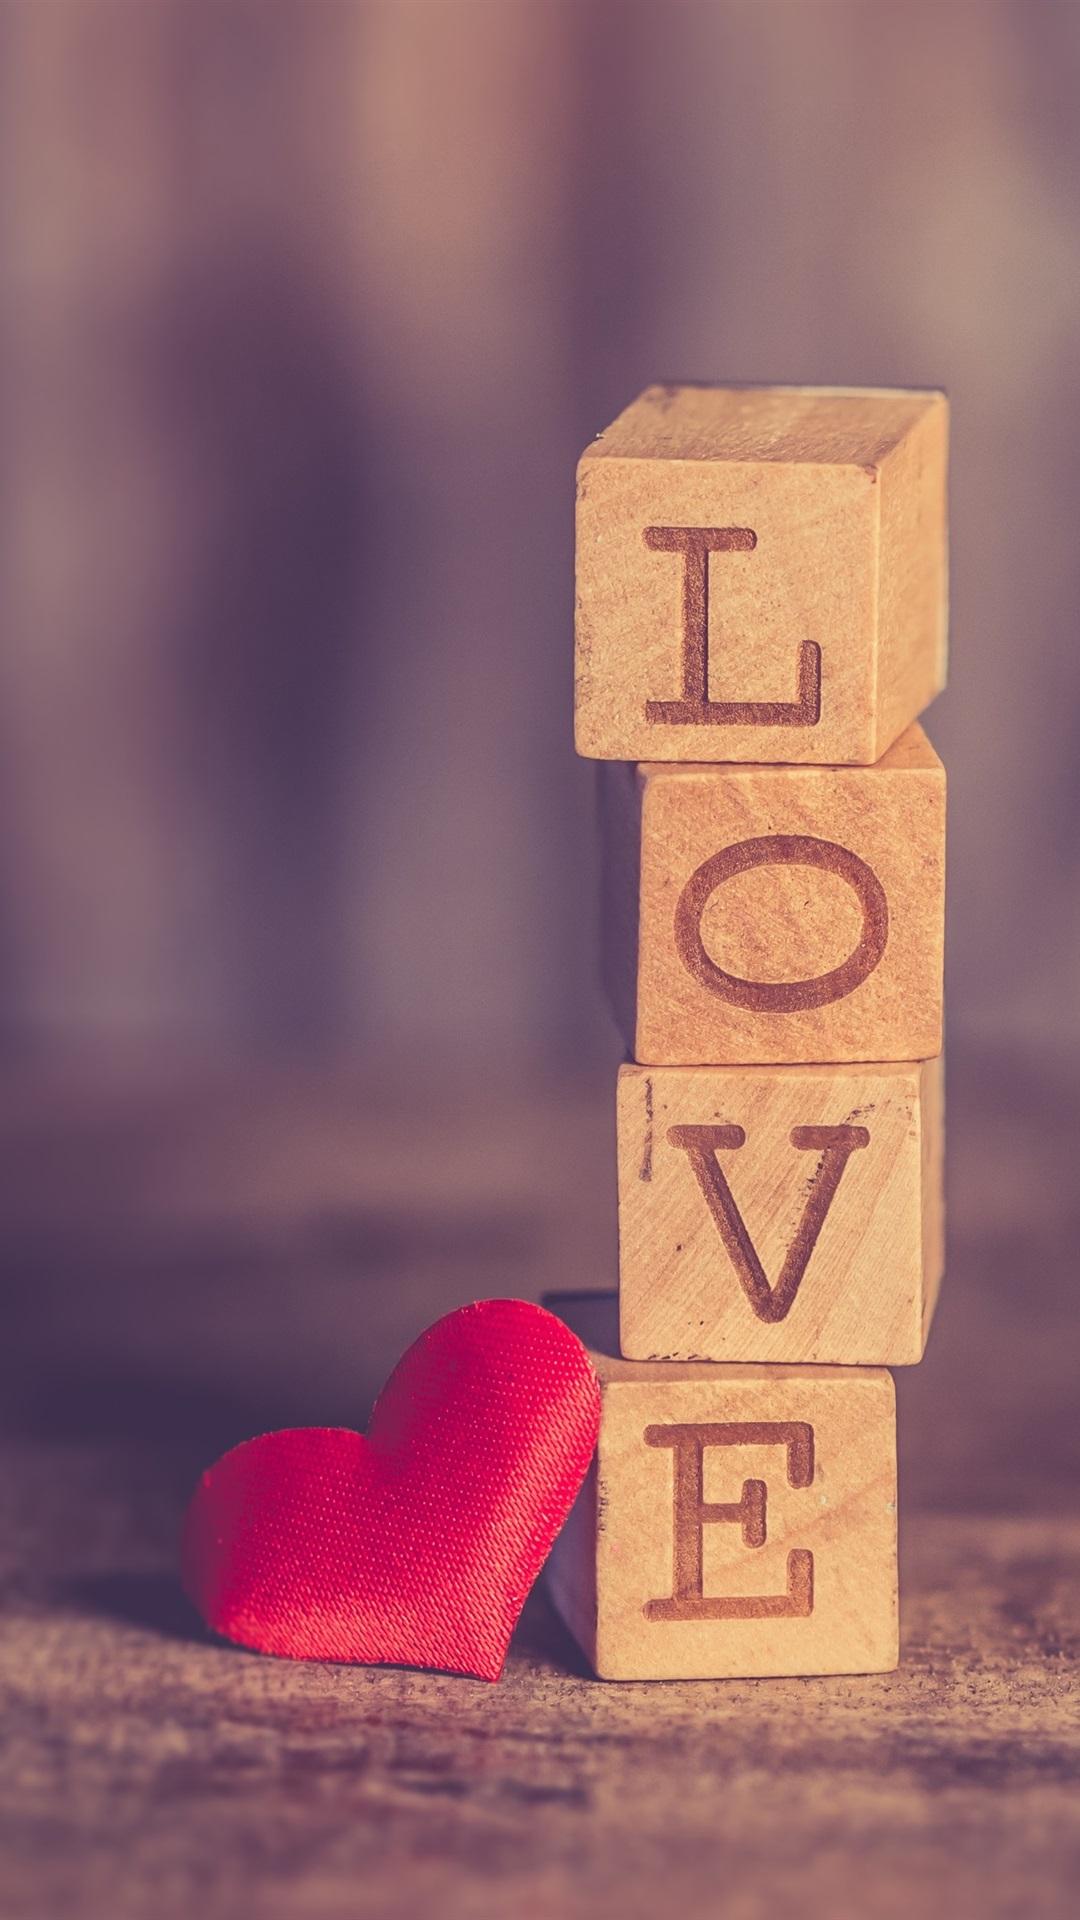 Открытку февраля, картинки с красивыми надписями о любви на айфон